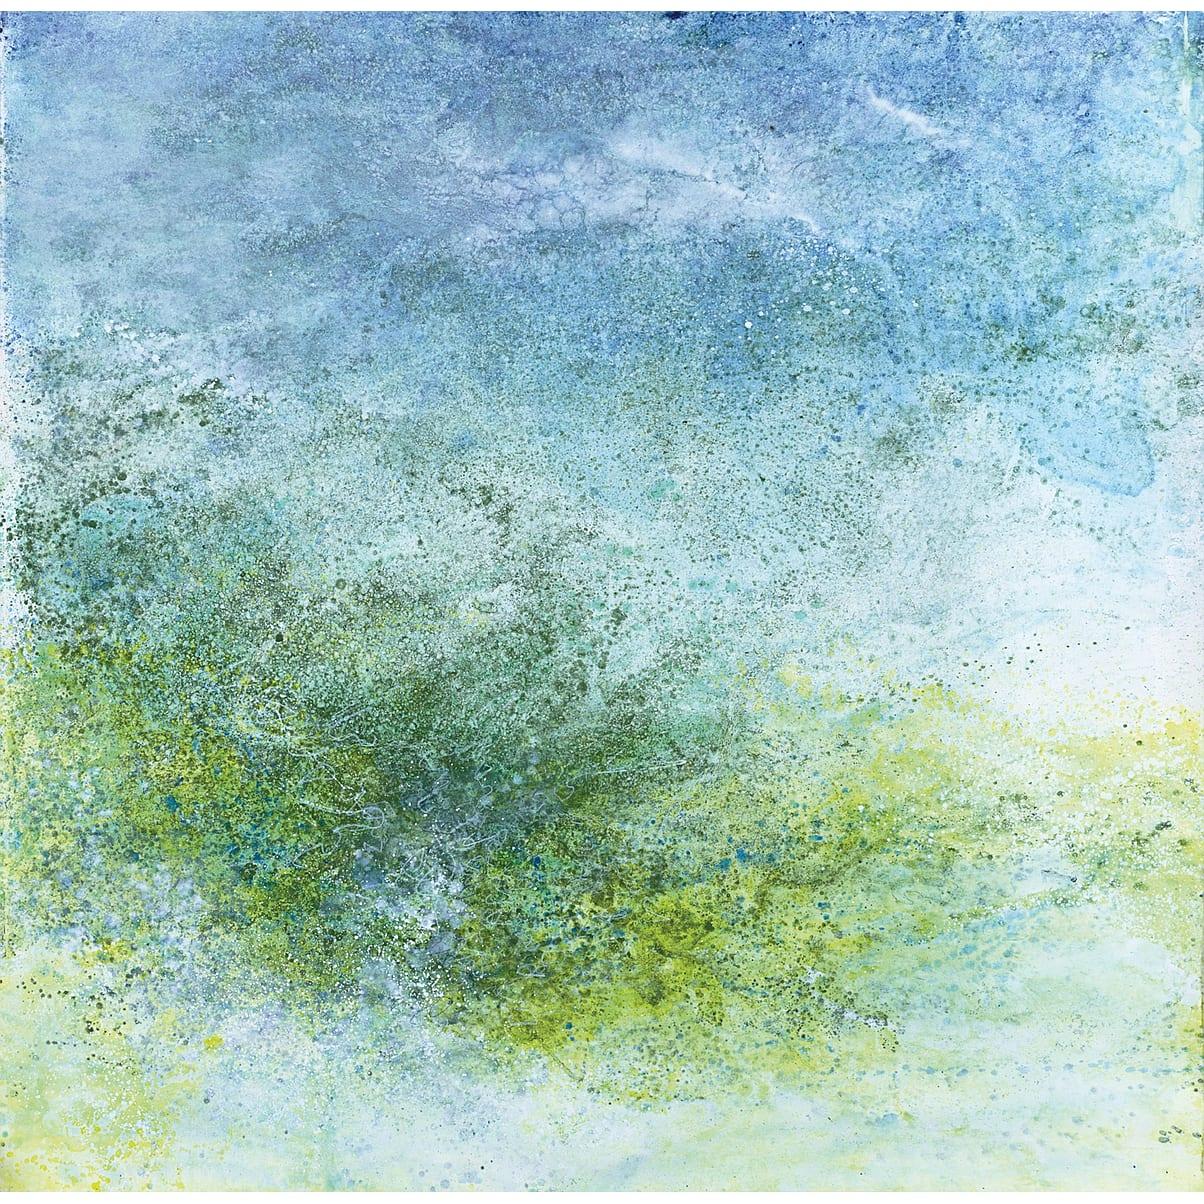 Lalan 謝景蘭, Untitled《無題》, 1994